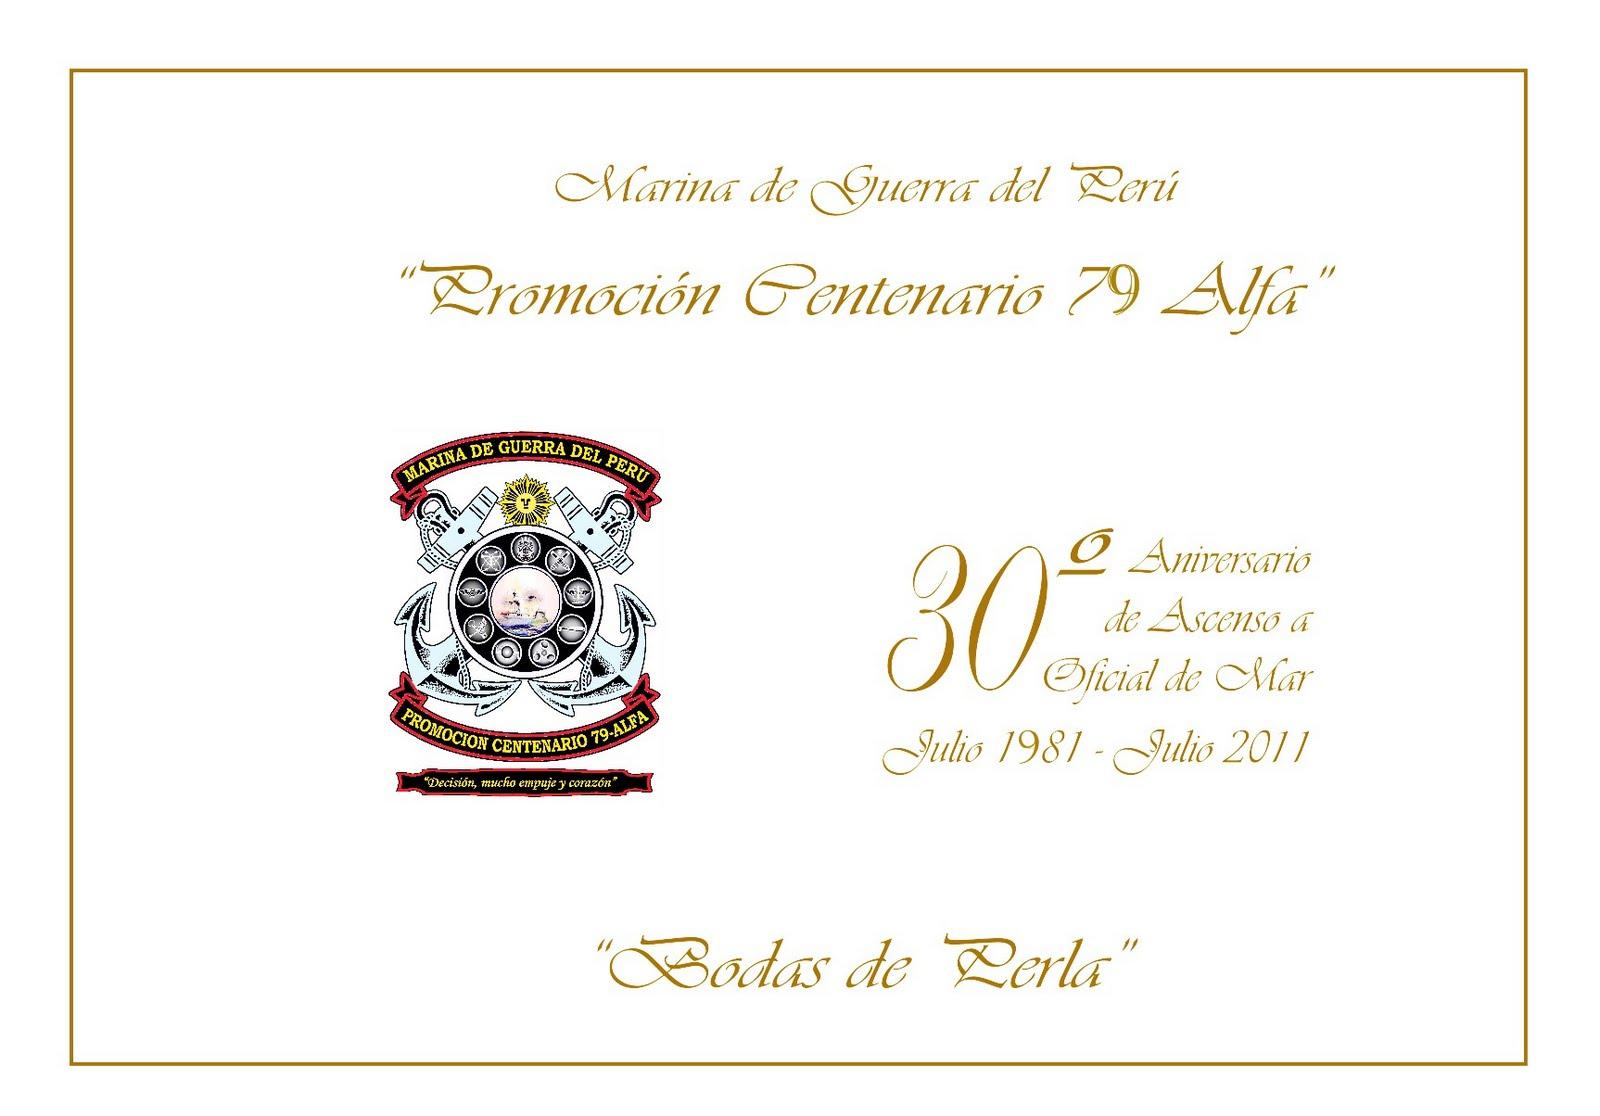 Promoción Centenario 79 Alfa Invitaciones Cena De Gala 79